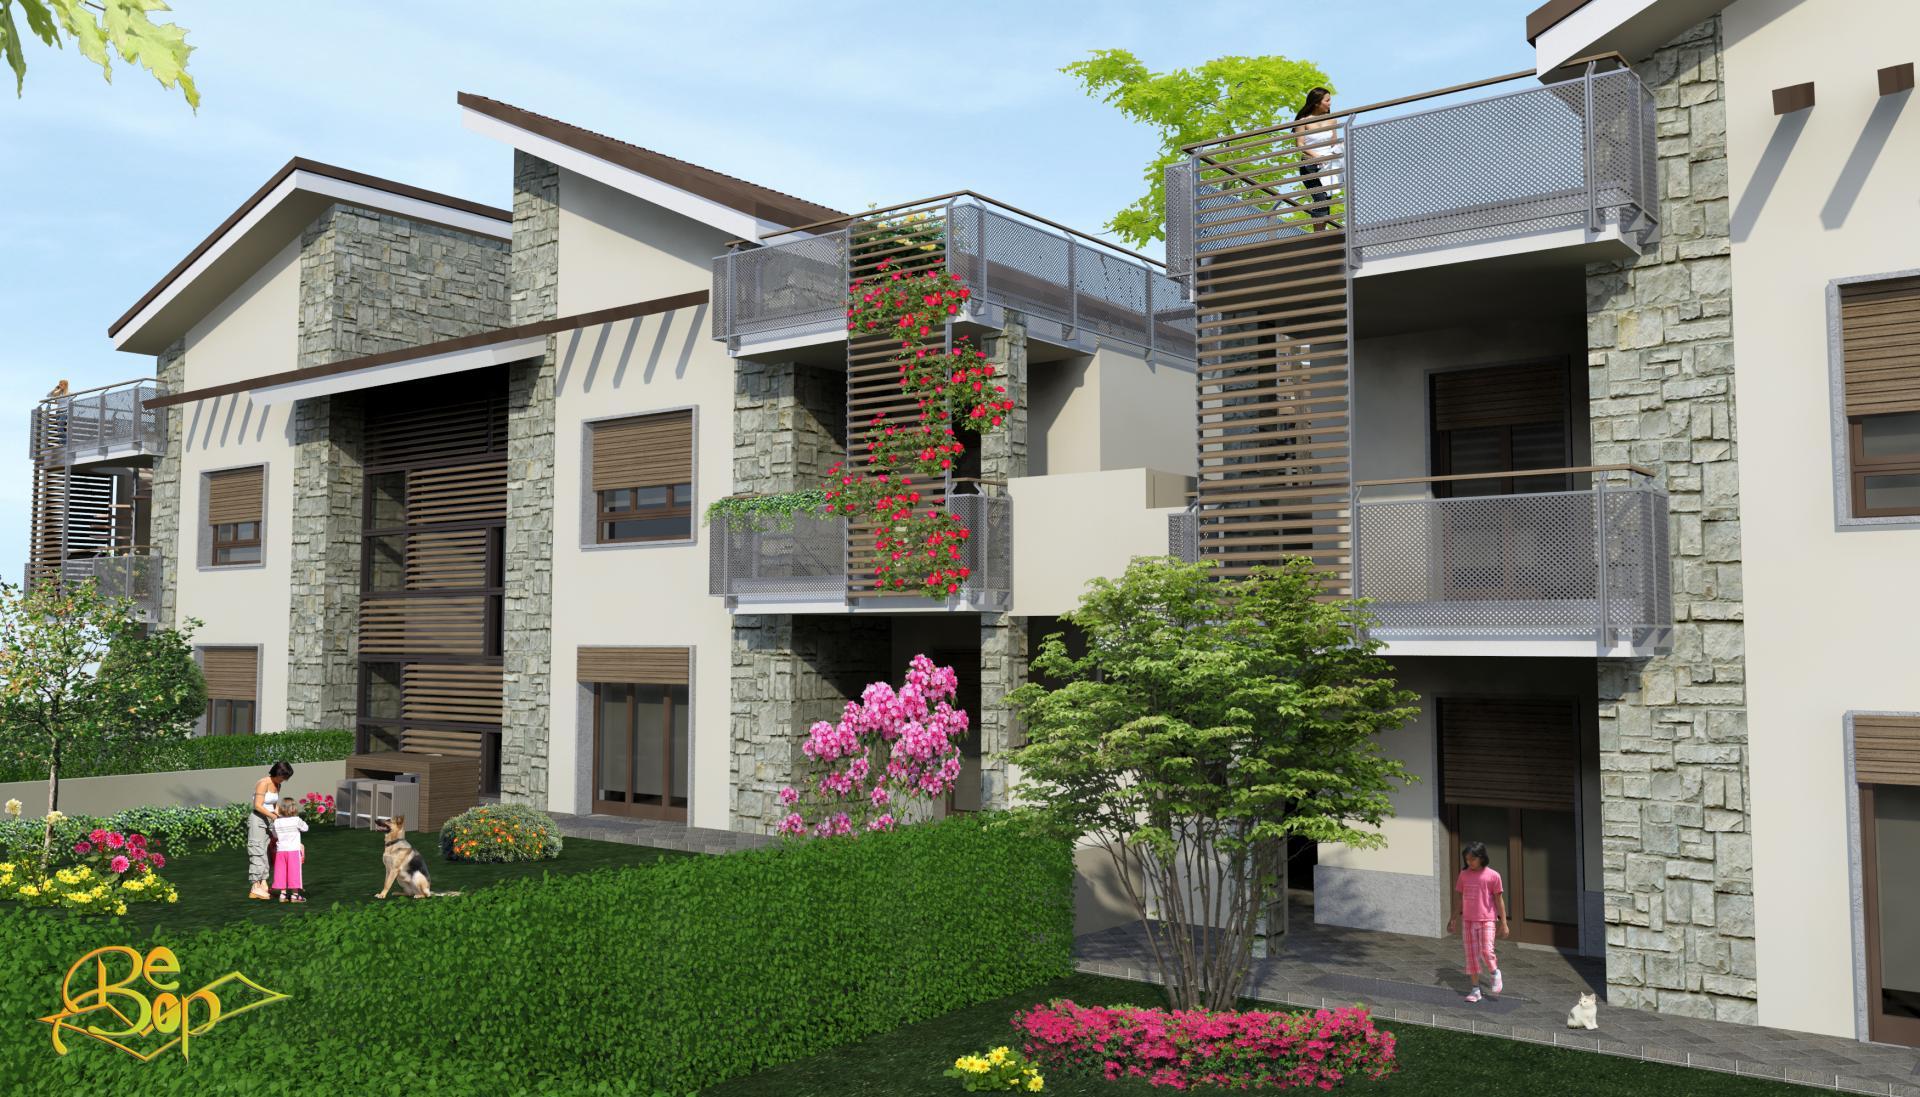 Appartamento in vendita a Rivoli, 4 locali, zona Località: CascineVica, prezzo € 365.000 | CambioCasa.it